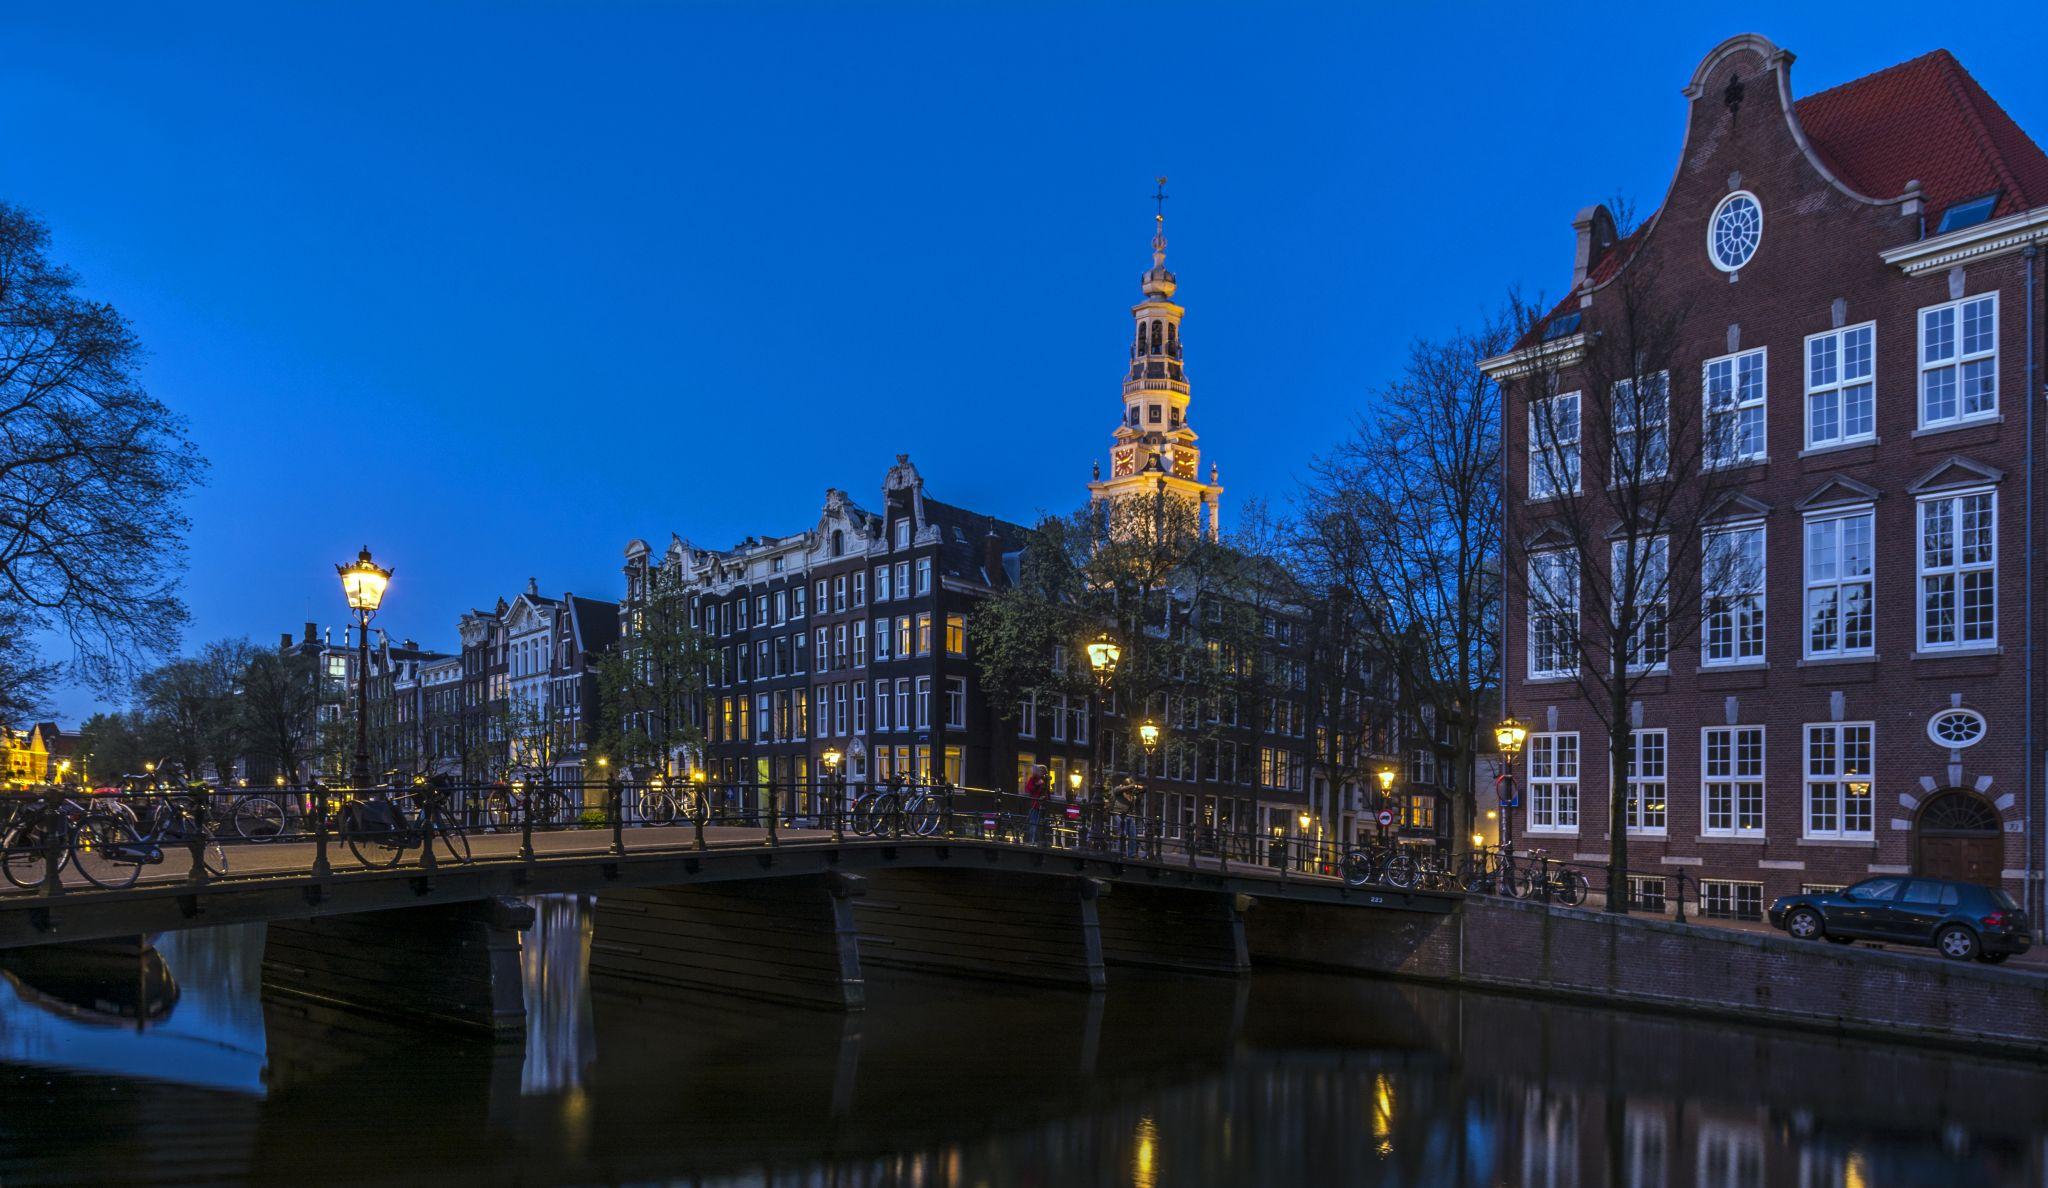 The Zuiderkerk Church, Netherlands